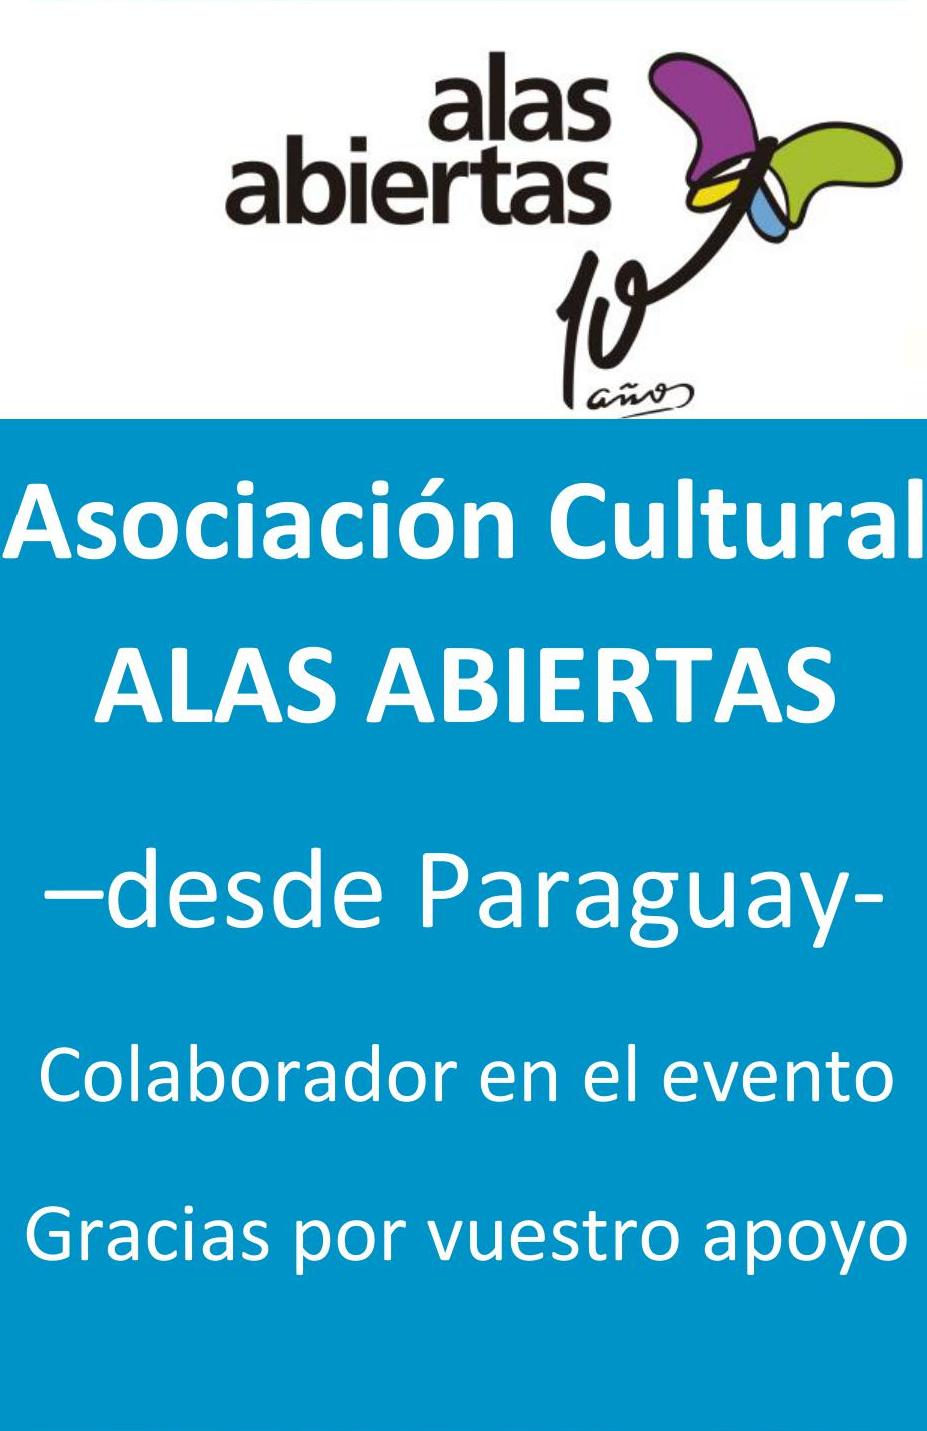 Asociacion Cultural Alas Abiertas